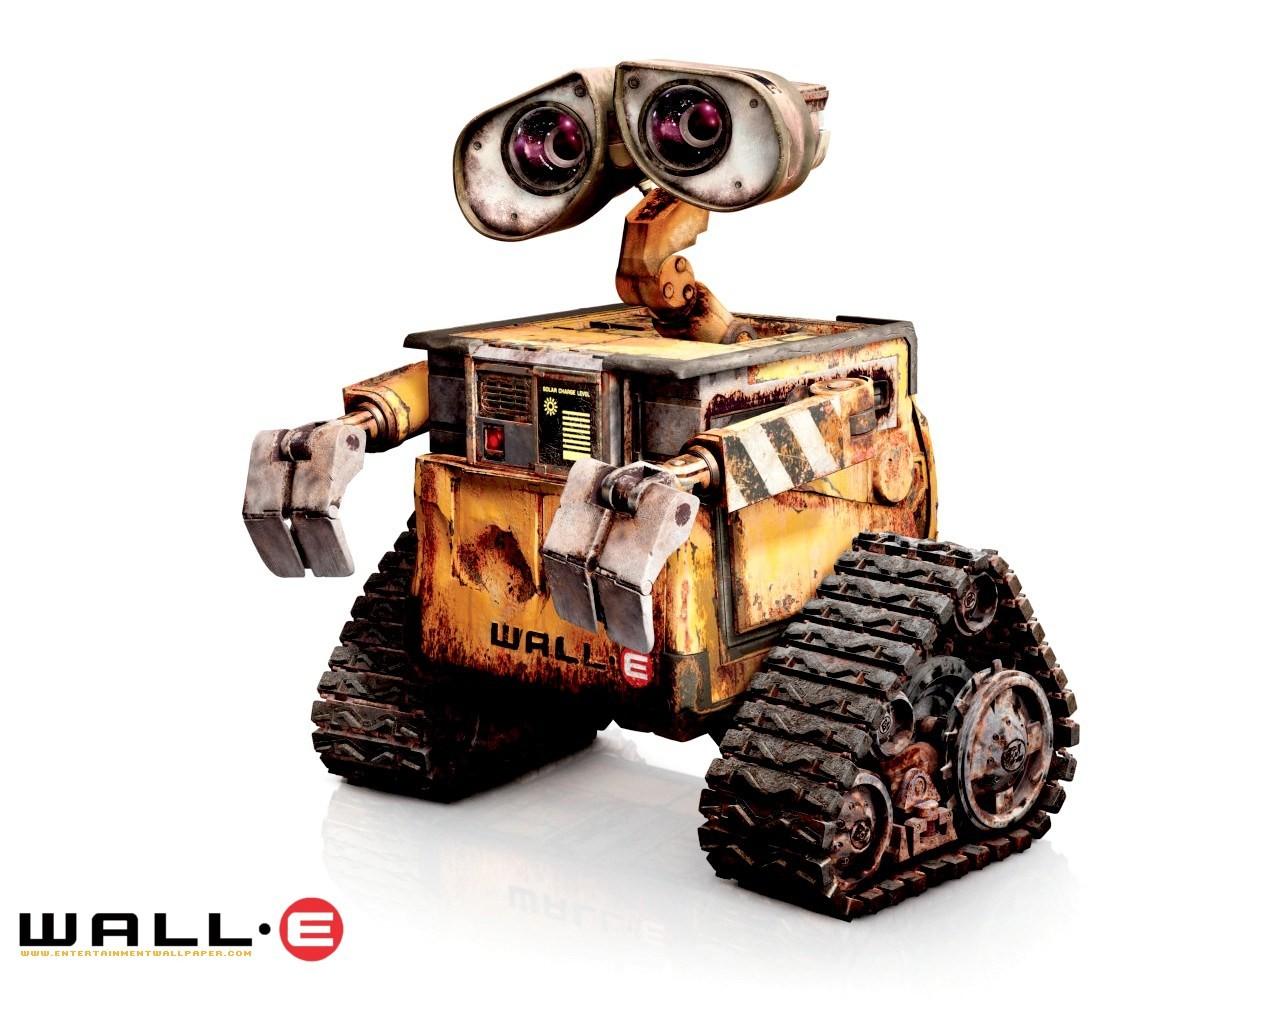 超可爱机器人!30张wall-e壁纸全欣赏图片列表